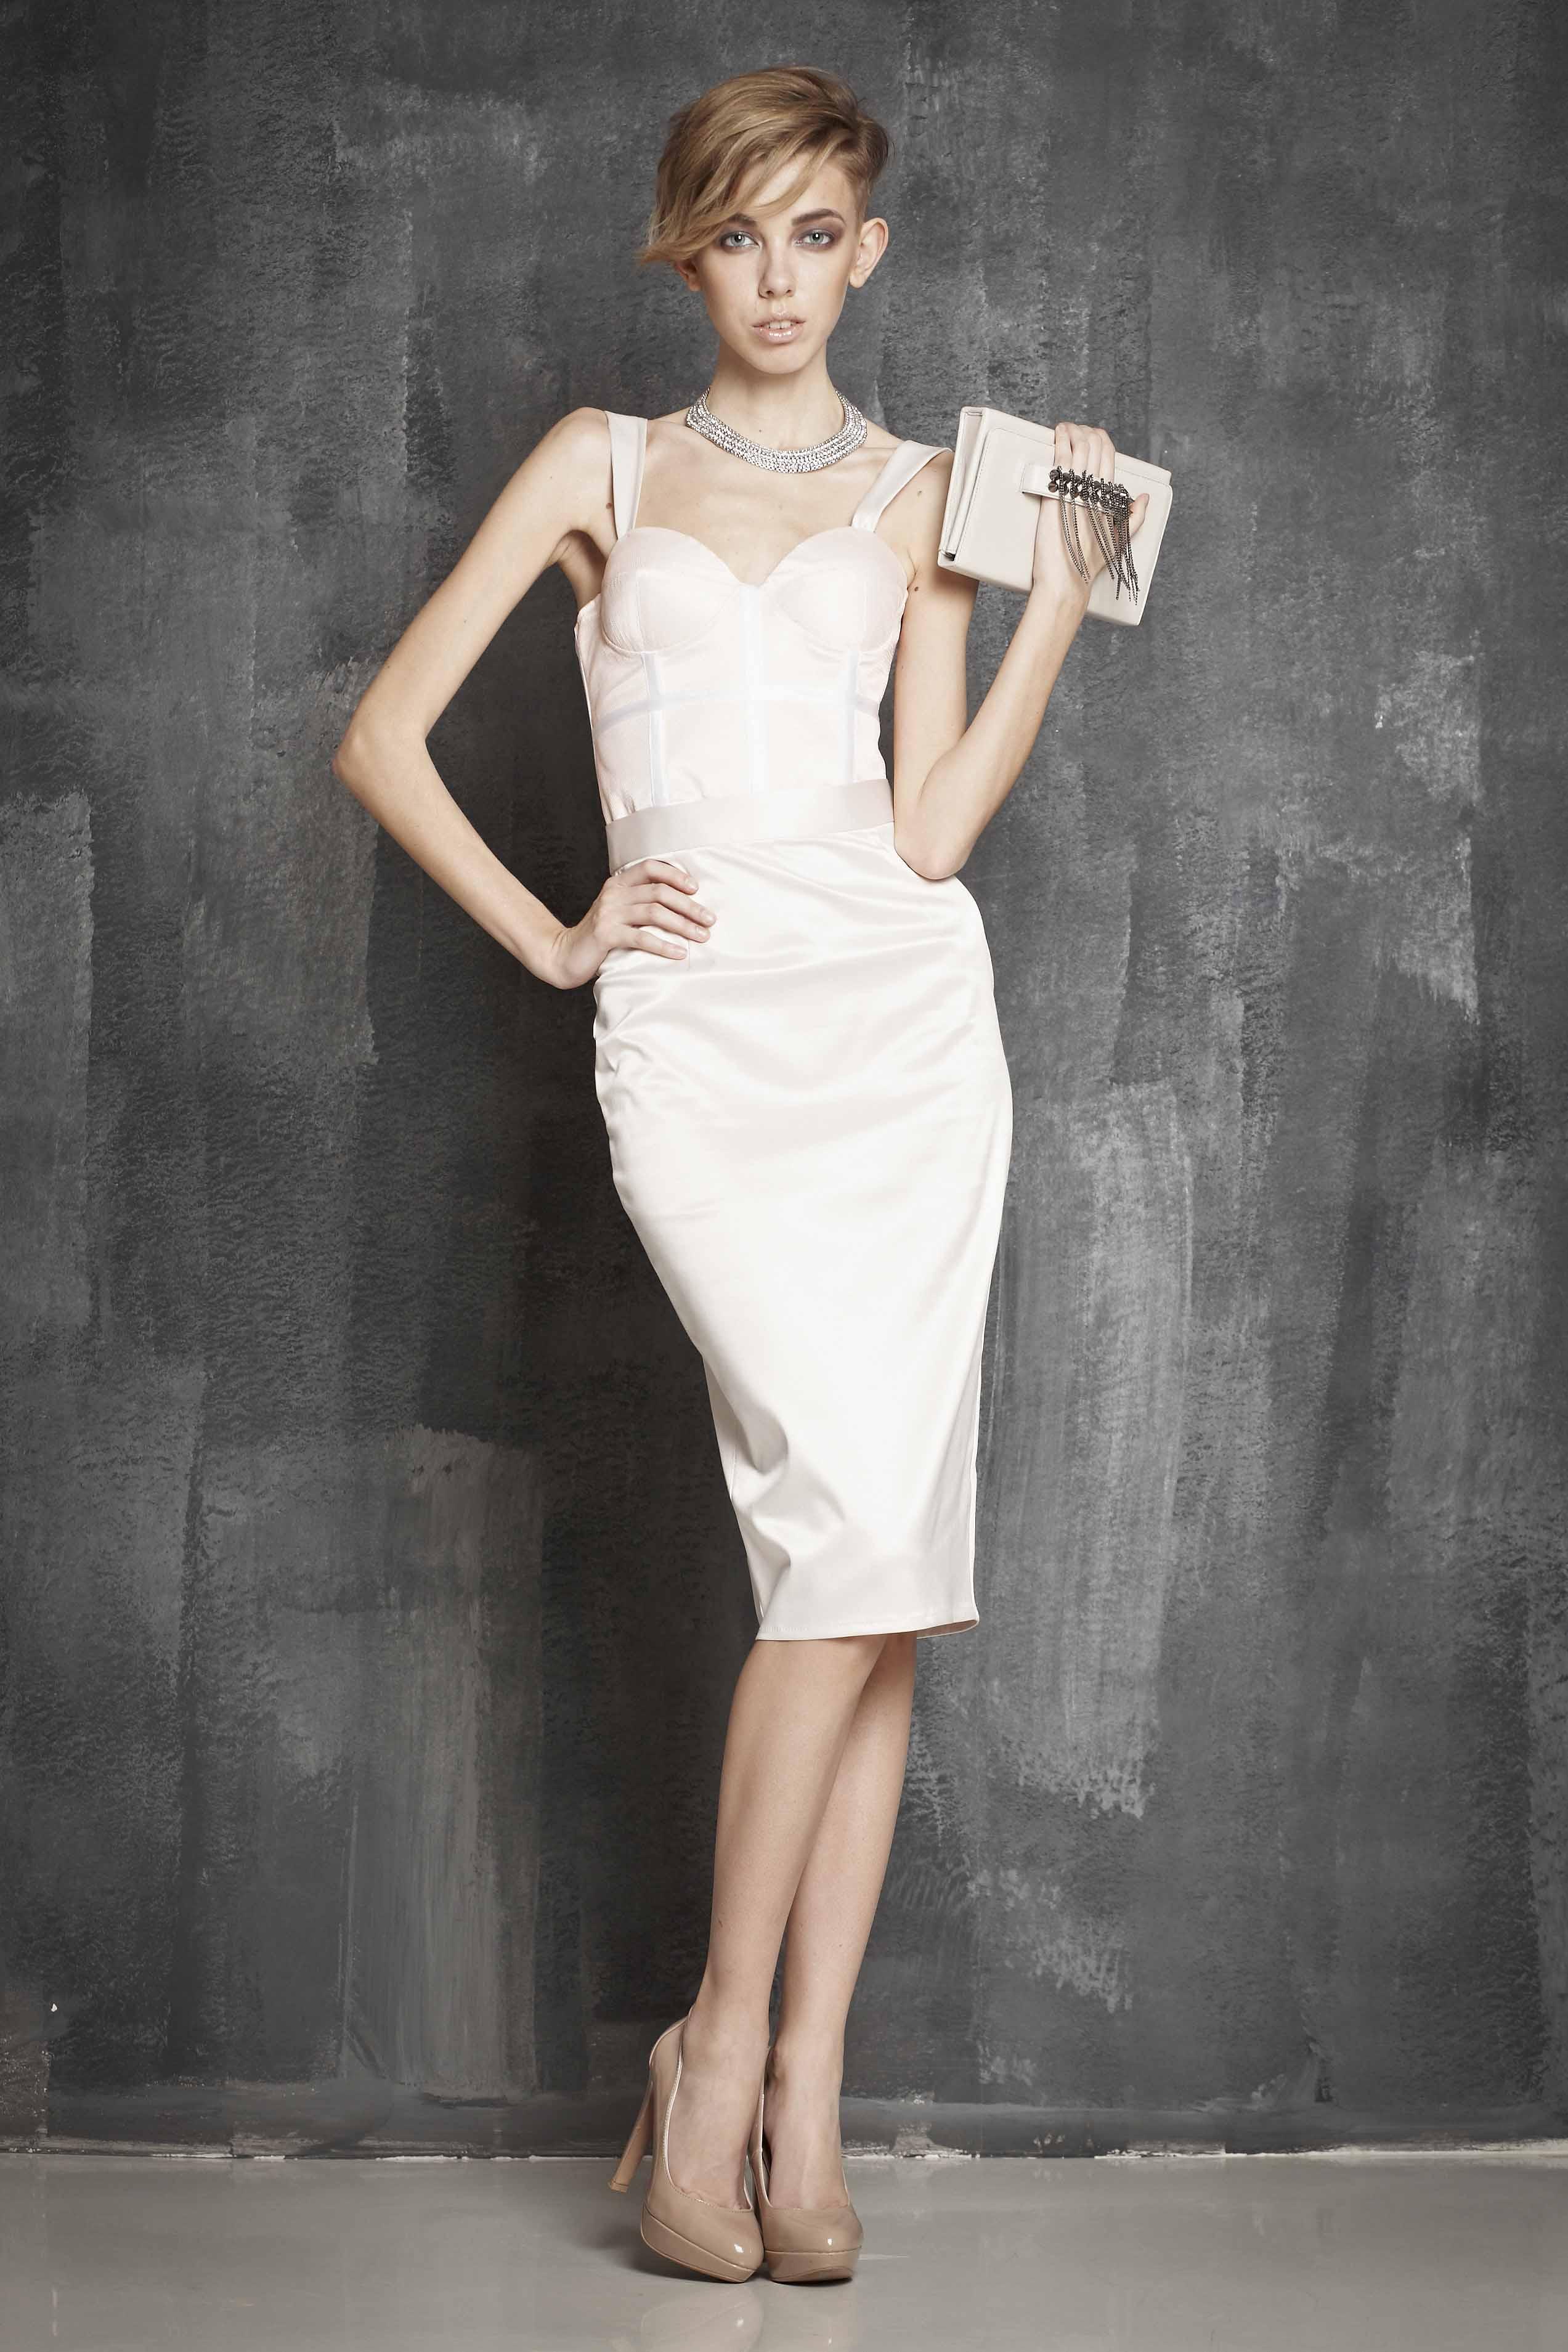 Казалось бы, простое платье-карандаш уже никого не удивит. Однако современные дизайнеры решили использовать этот фасон для свадебных платьев